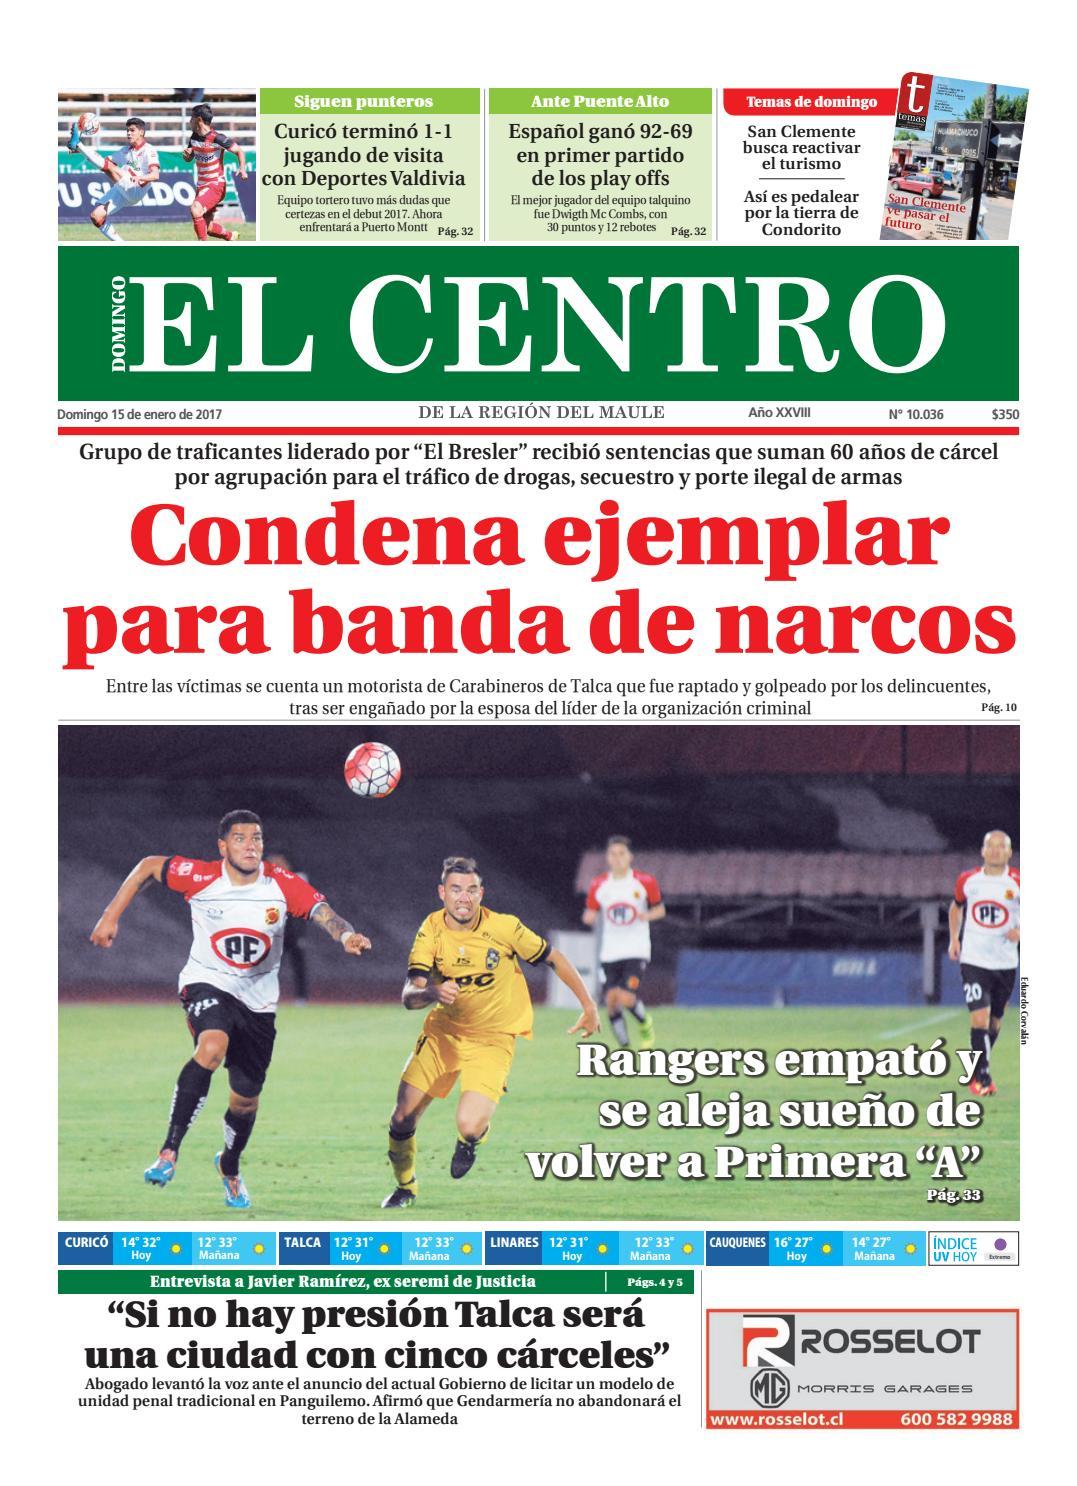 Diario 15 01 2017 by Diario El Centro S.A issuu